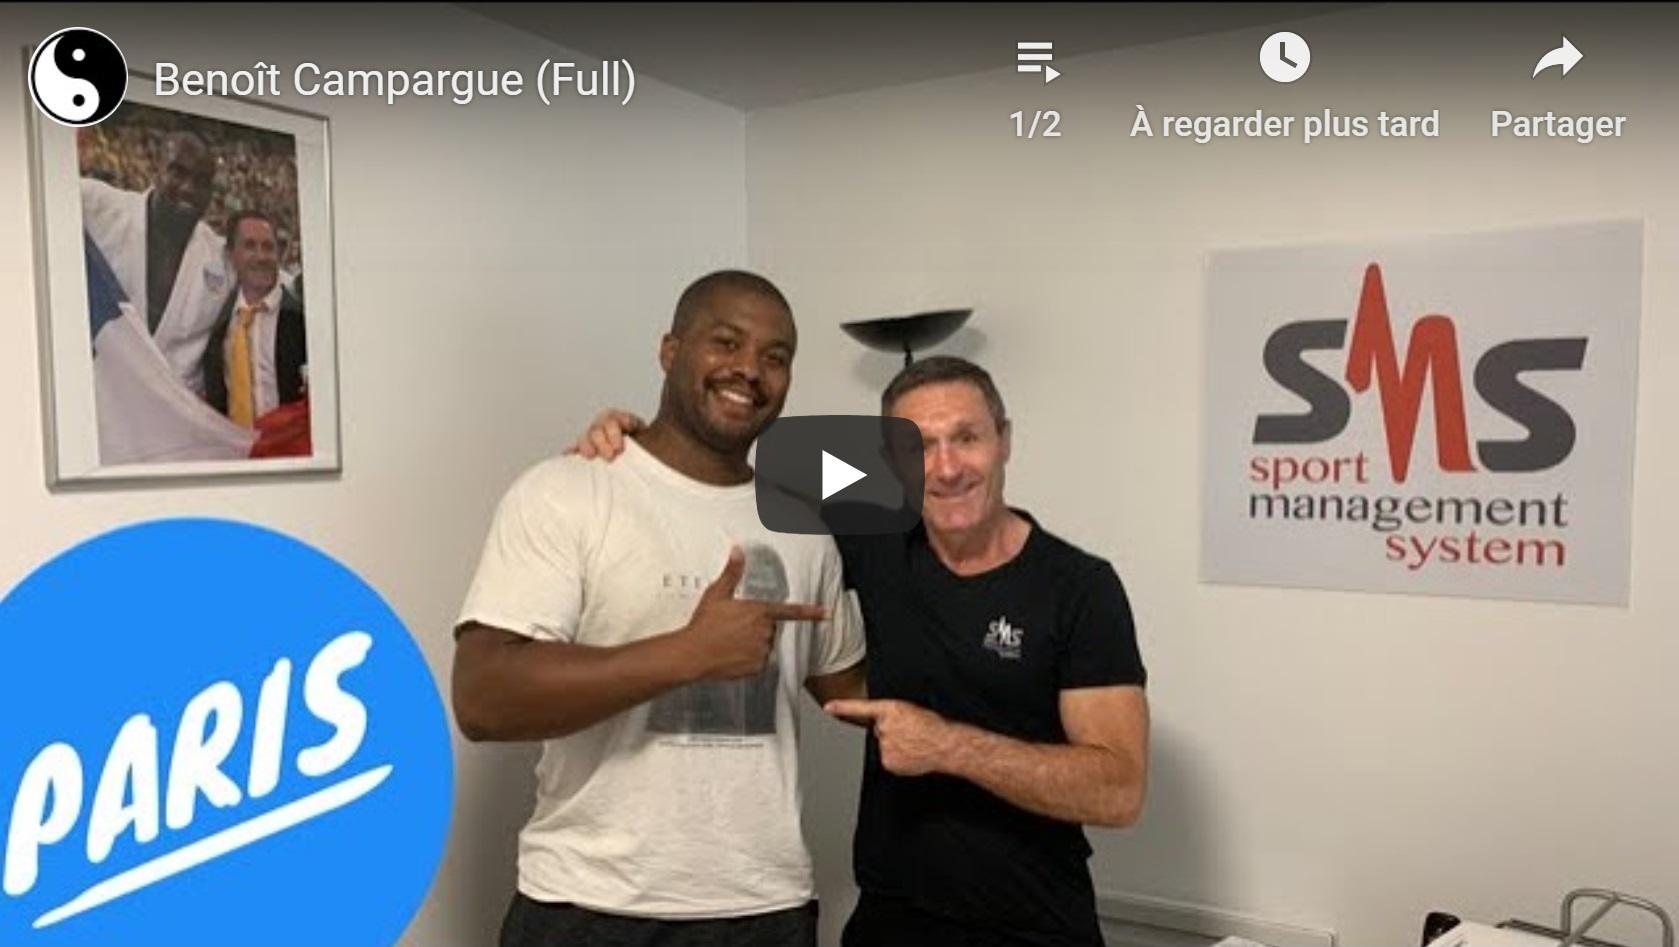 interview vidéo Benoit Campargue